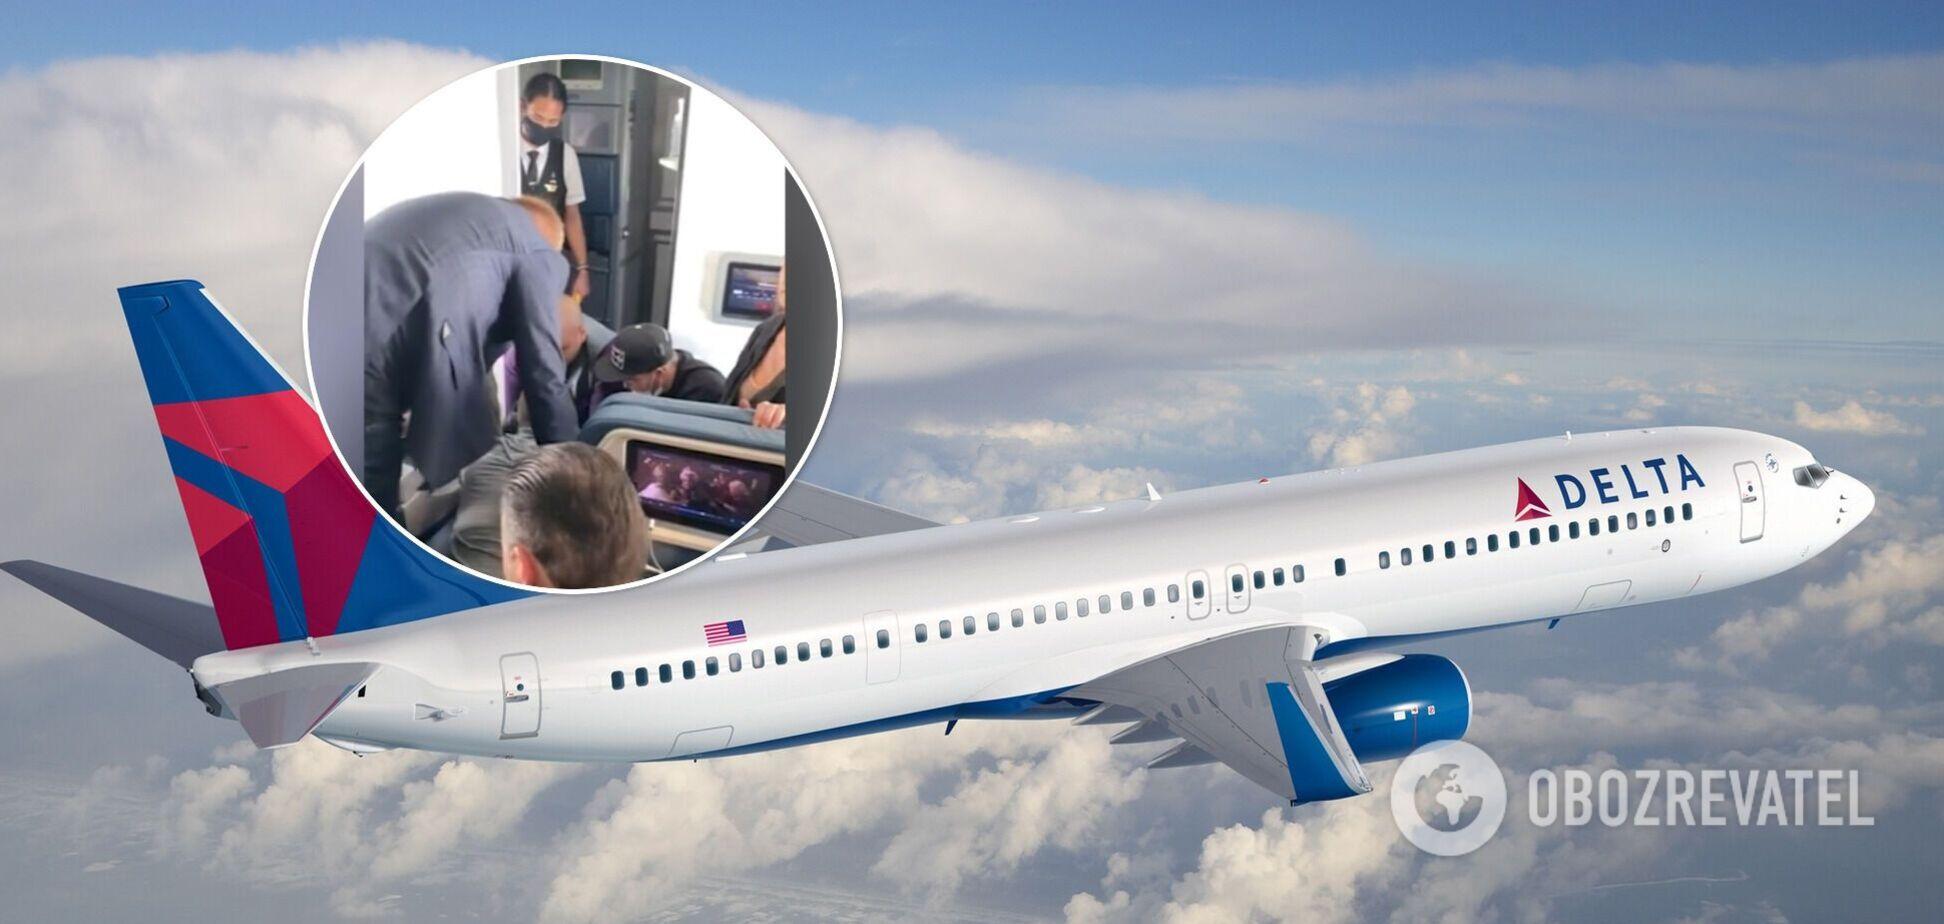 У США запасний бортпровідник намагався вистрибнути з літака під час польоту. Відео